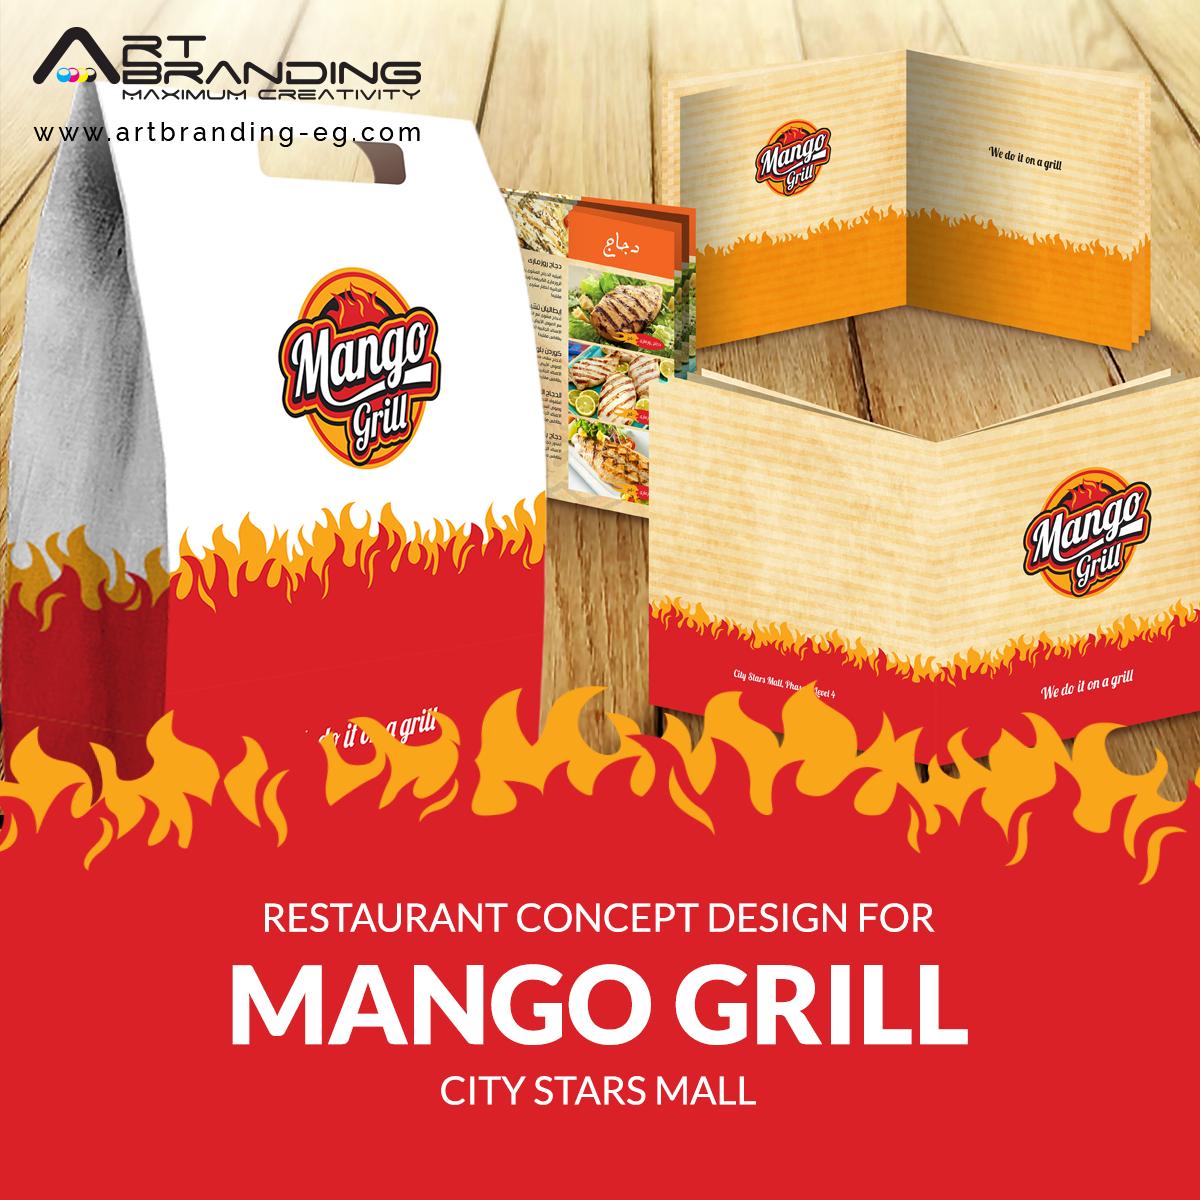 لو قررت تفتح كافيه أو مطعم وعاوزه براند أول شئ هتفكر فيه العلامة الي هتشتريها وهتكلفك كام وخلينا واقعيين أقل علام Restaurant Concept Mango Grill Concept Design